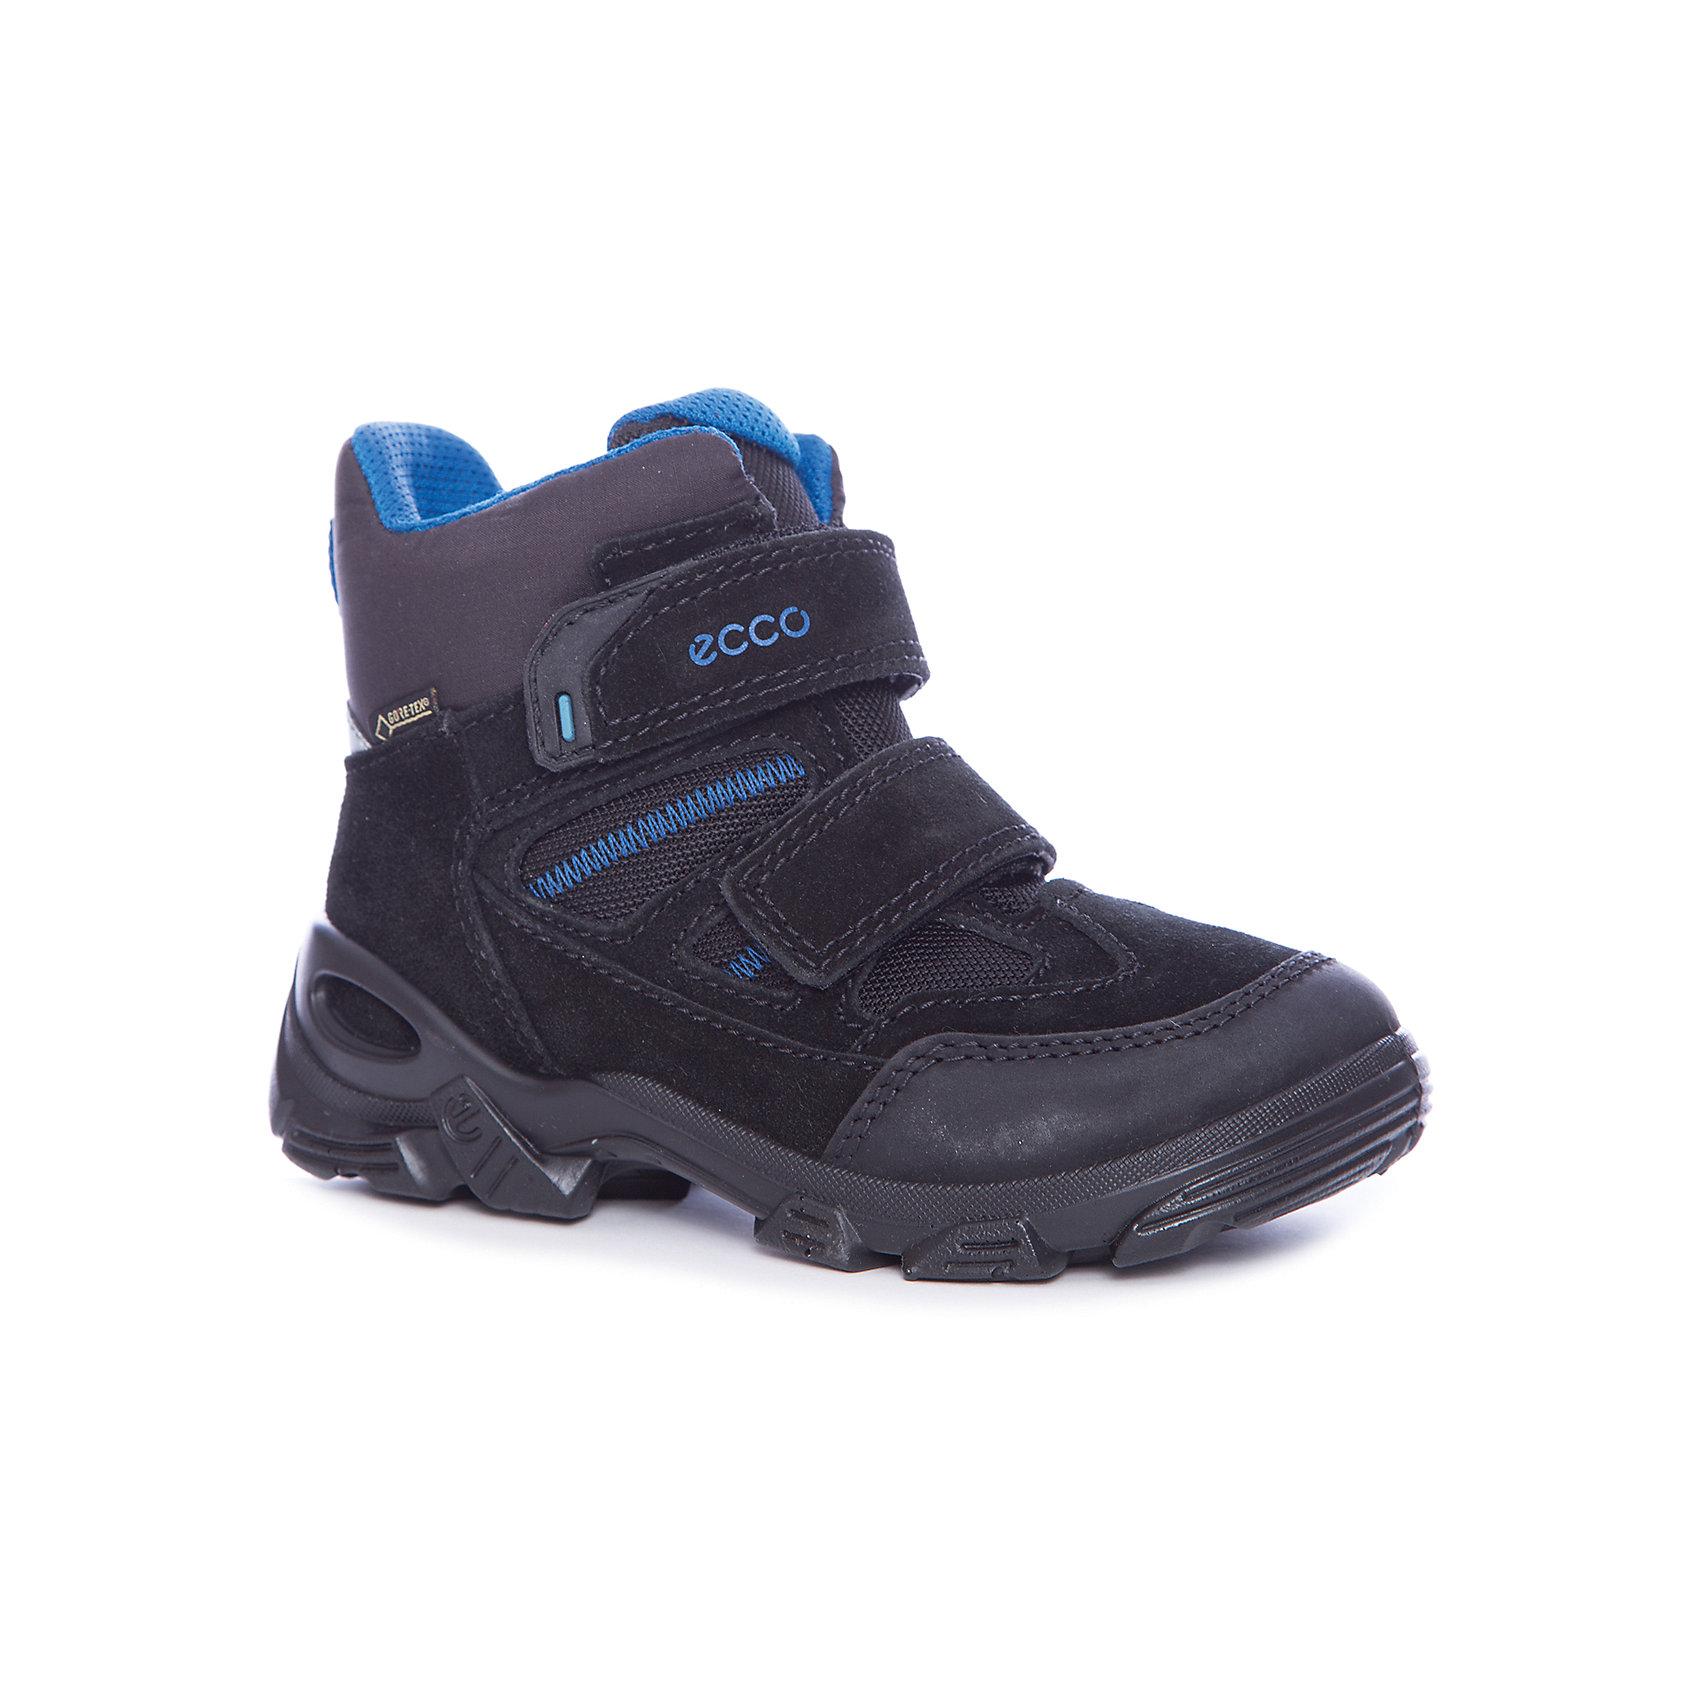 Ботинки ECCOБотинки<br>Ботинки ECCO<br>Ботинки для мальчиков выполнены из сочетания промасленного нубука, замши и текстиля. Теплые ботики с водонепроницаемой дышащей мембраной GORE-TEX станут отличным выбором для холодной зимней погоды. Благодаря современному утеплителю и толстой подошве, они отлично сохраняют ножки ребенка теплыми. Немаловажным плюсом является удобная застежка на липучку, благодаря чему даже маленький ребенок сможет самостоятельно быстро обуваться.<br>Состав:<br>Материал верха: пр.нубук/замша/текстиль<br>Материал подкладки: 60% Акрил 40% Полиэстер<br>Материал стельки: 100% п/э<br><br>Ширина мм: 262<br>Глубина мм: 176<br>Высота мм: 97<br>Вес г: 427<br>Цвет: черный<br>Возраст от месяцев: 72<br>Возраст до месяцев: 84<br>Пол: Унисекс<br>Возраст: Детский<br>Размер: 30,31,27,28,29<br>SKU: 7129854